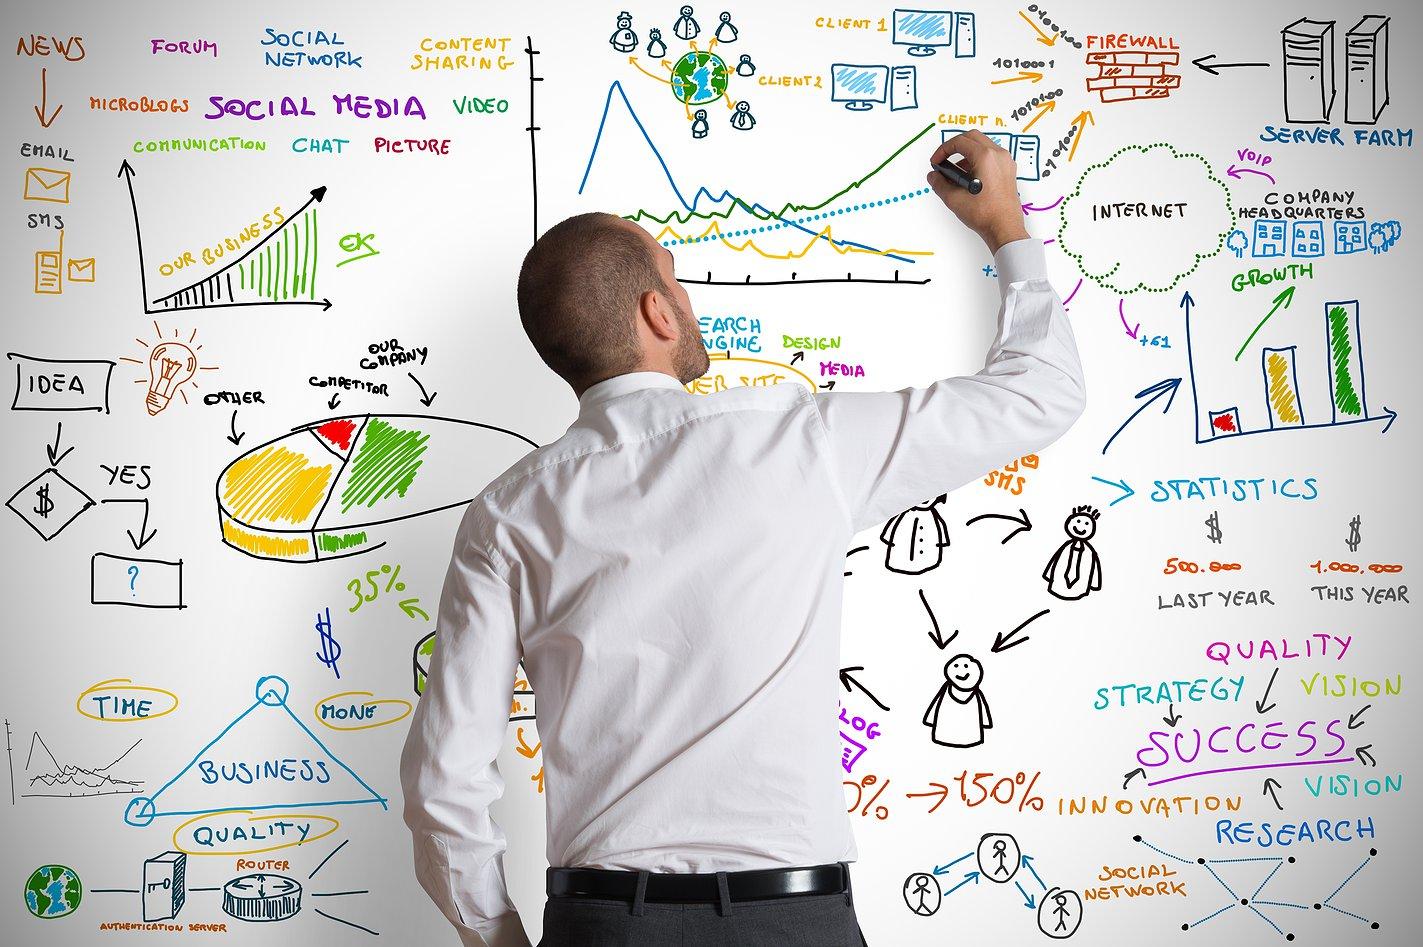 Micromedia Strategy